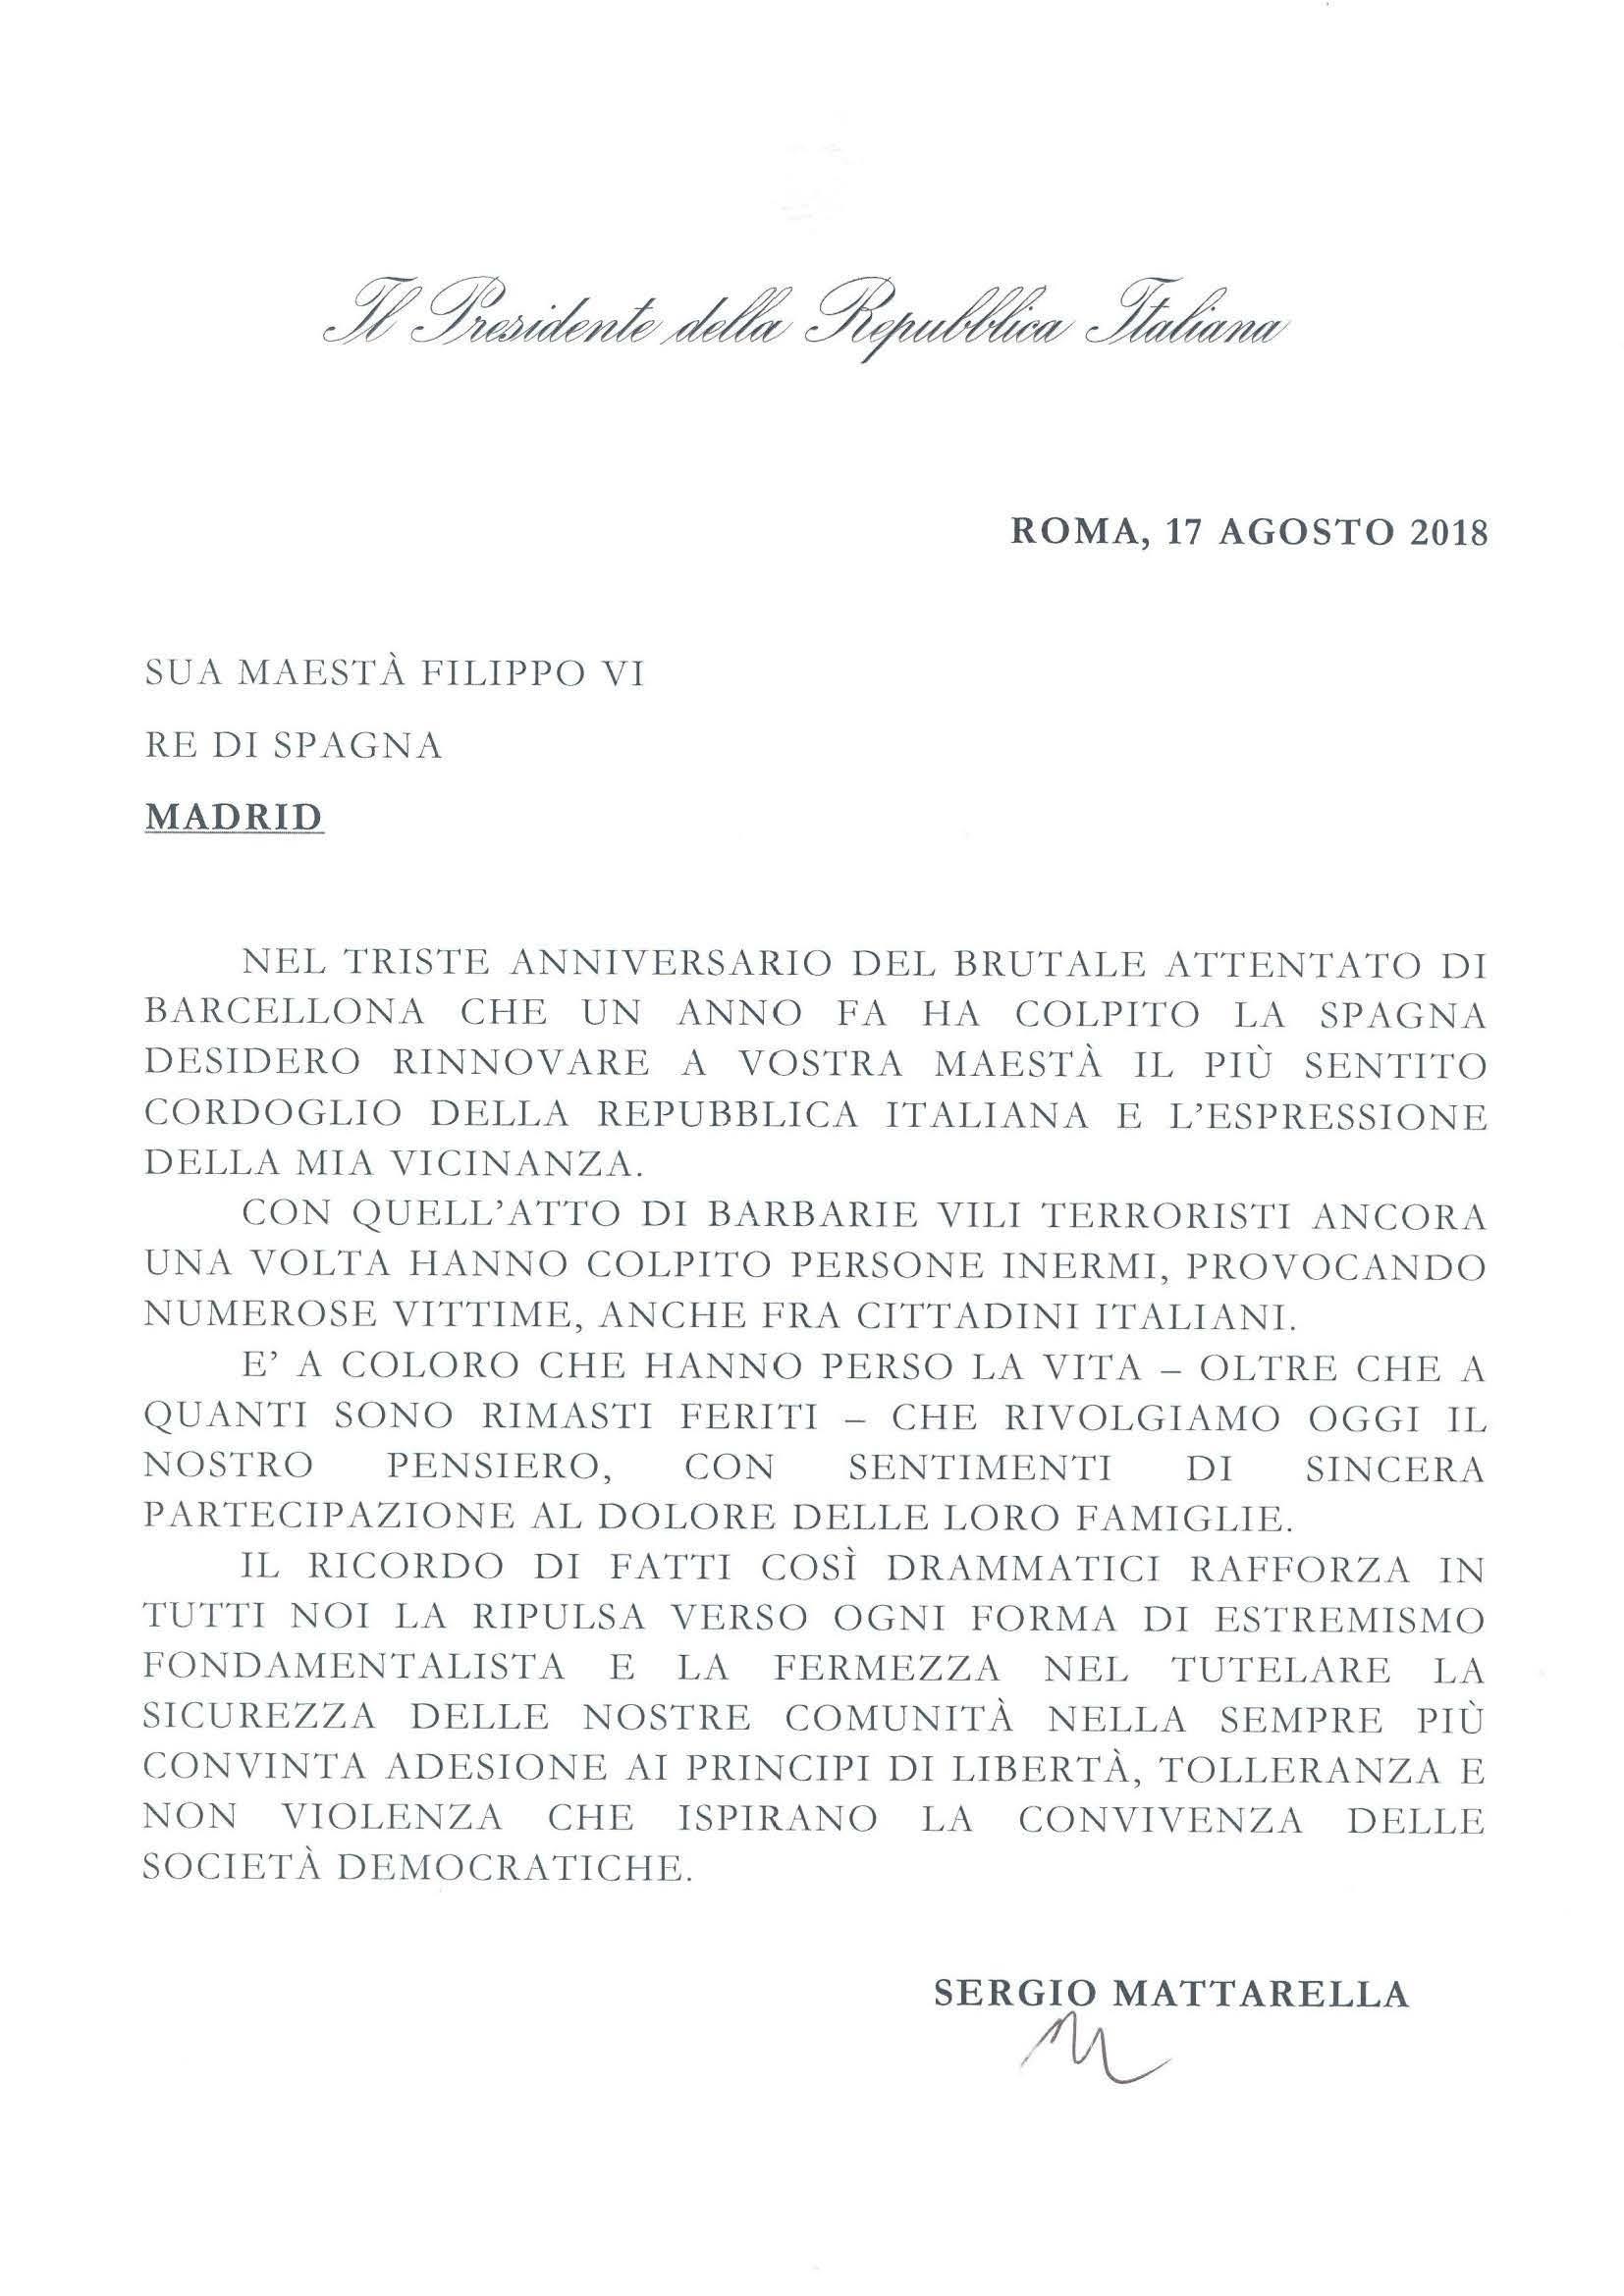 Messaggio Presidente Mattarella 17 agosto 2018